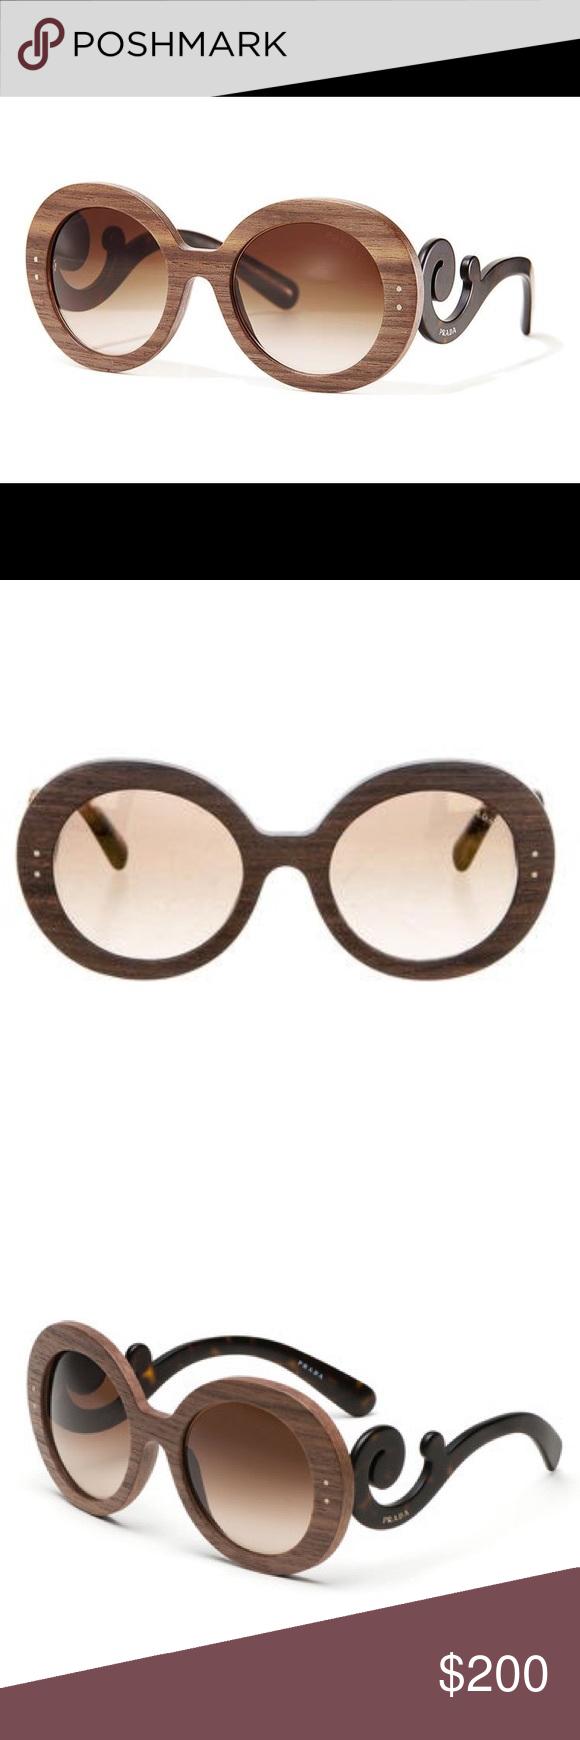 8b4c999a03a4a get prada baroque round sunglasses nordstrom 3025e 93504  closeout nwot  prada pr 27rs baroque womens sunglasses a4172 e5675